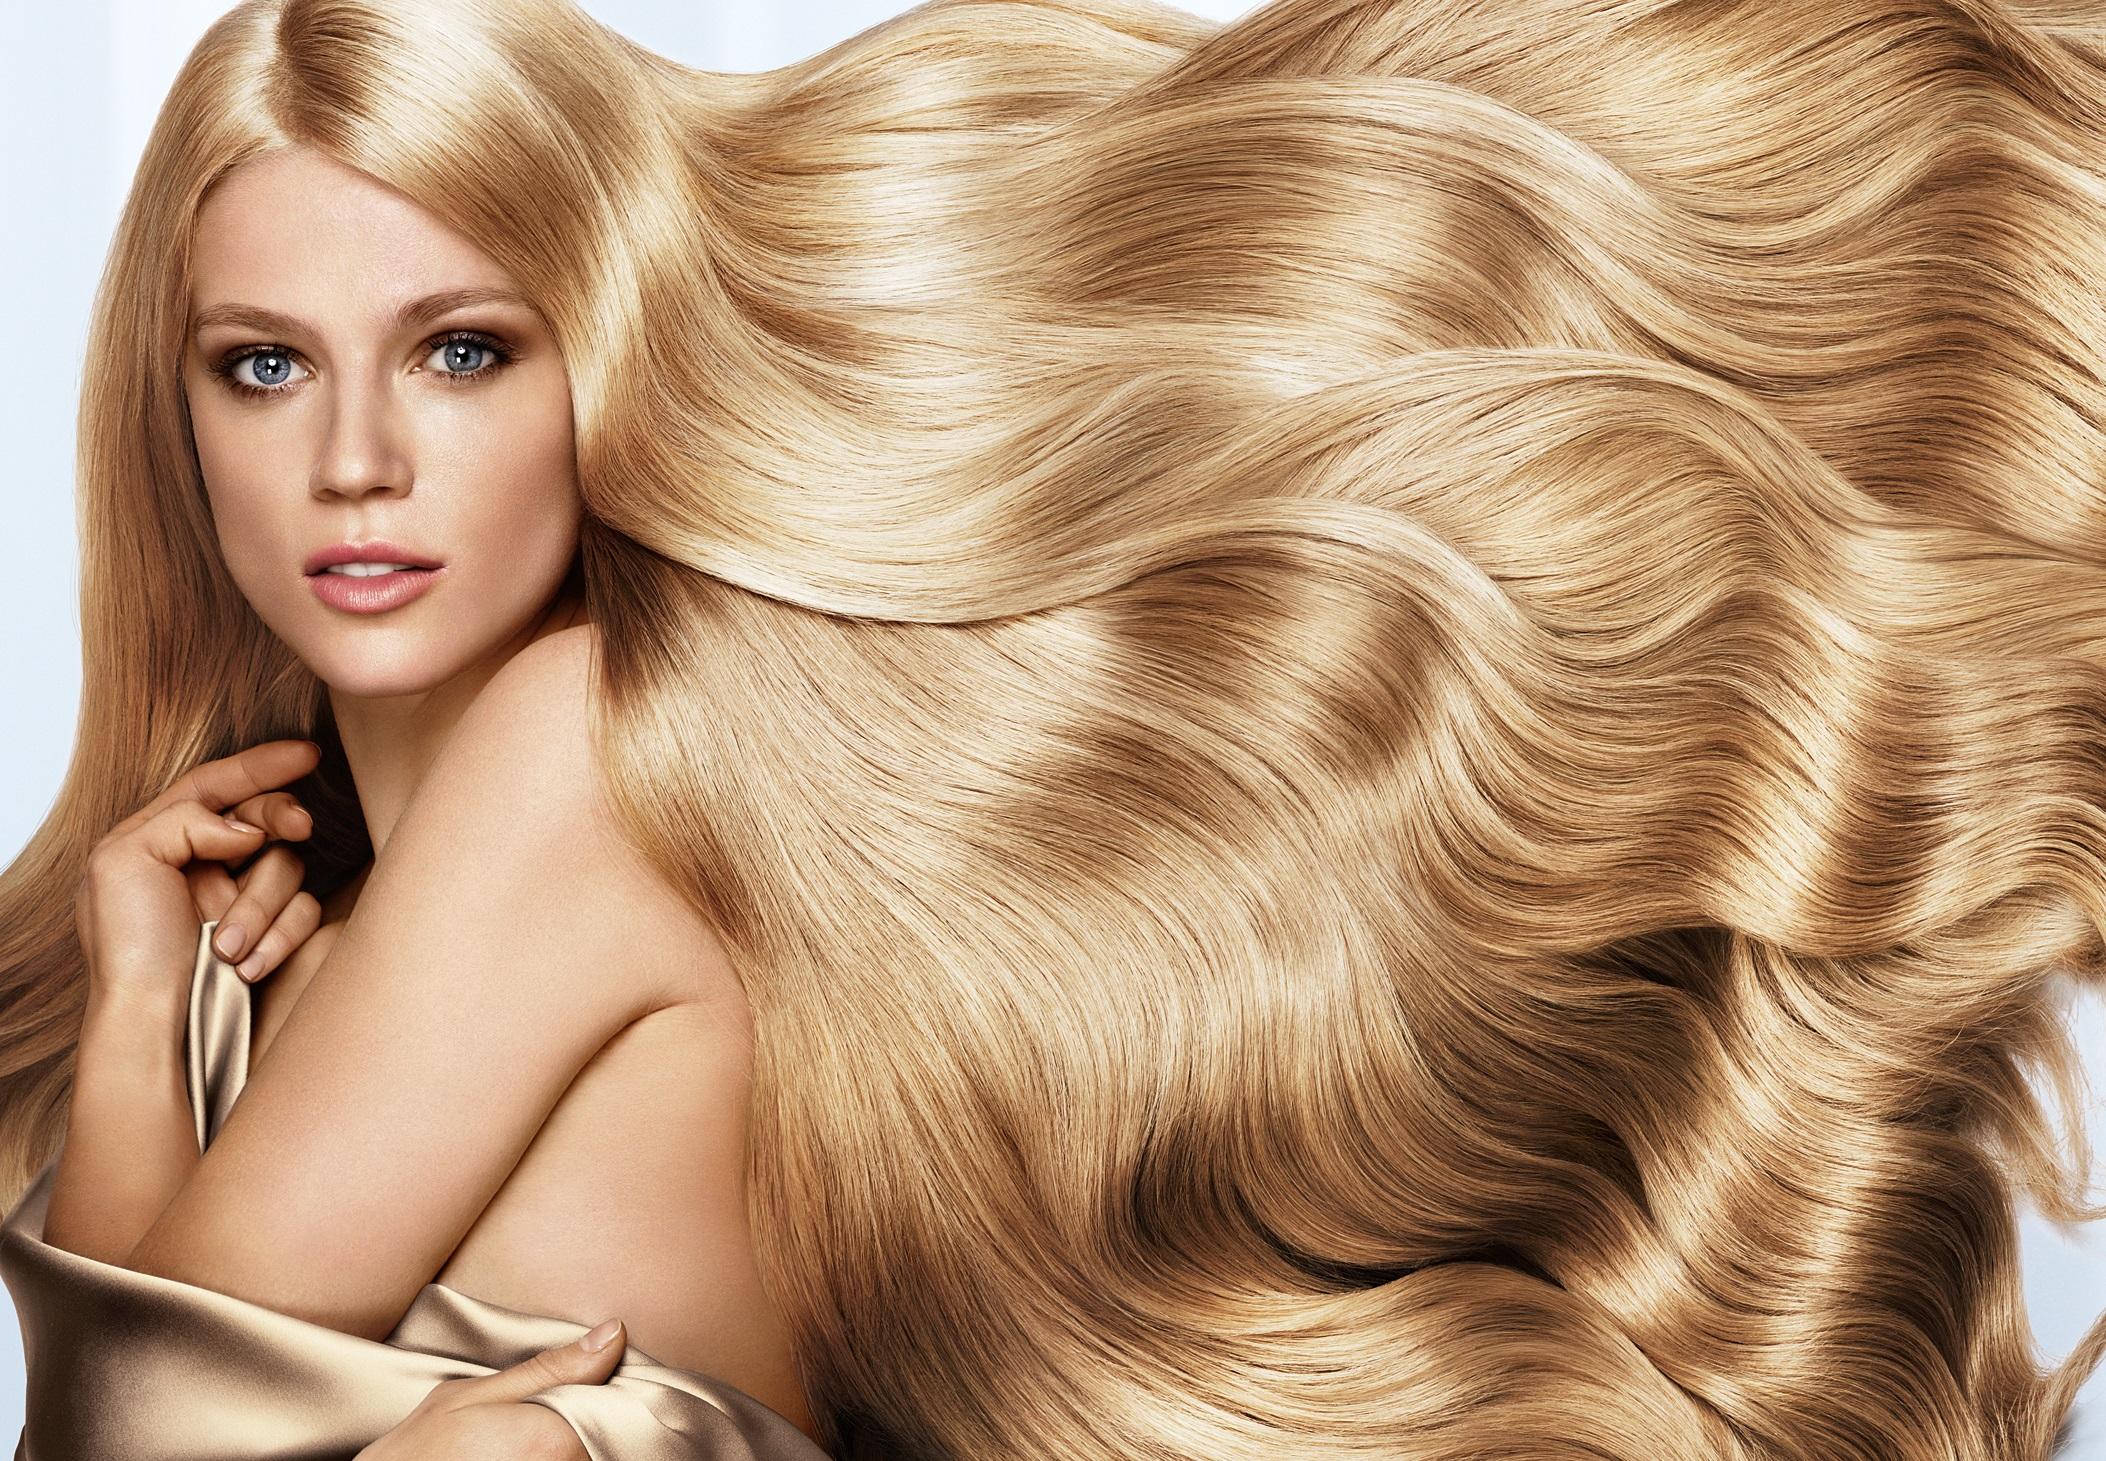 Питательная термозащита для волос. Спасет сухие и поврежденные волосы!